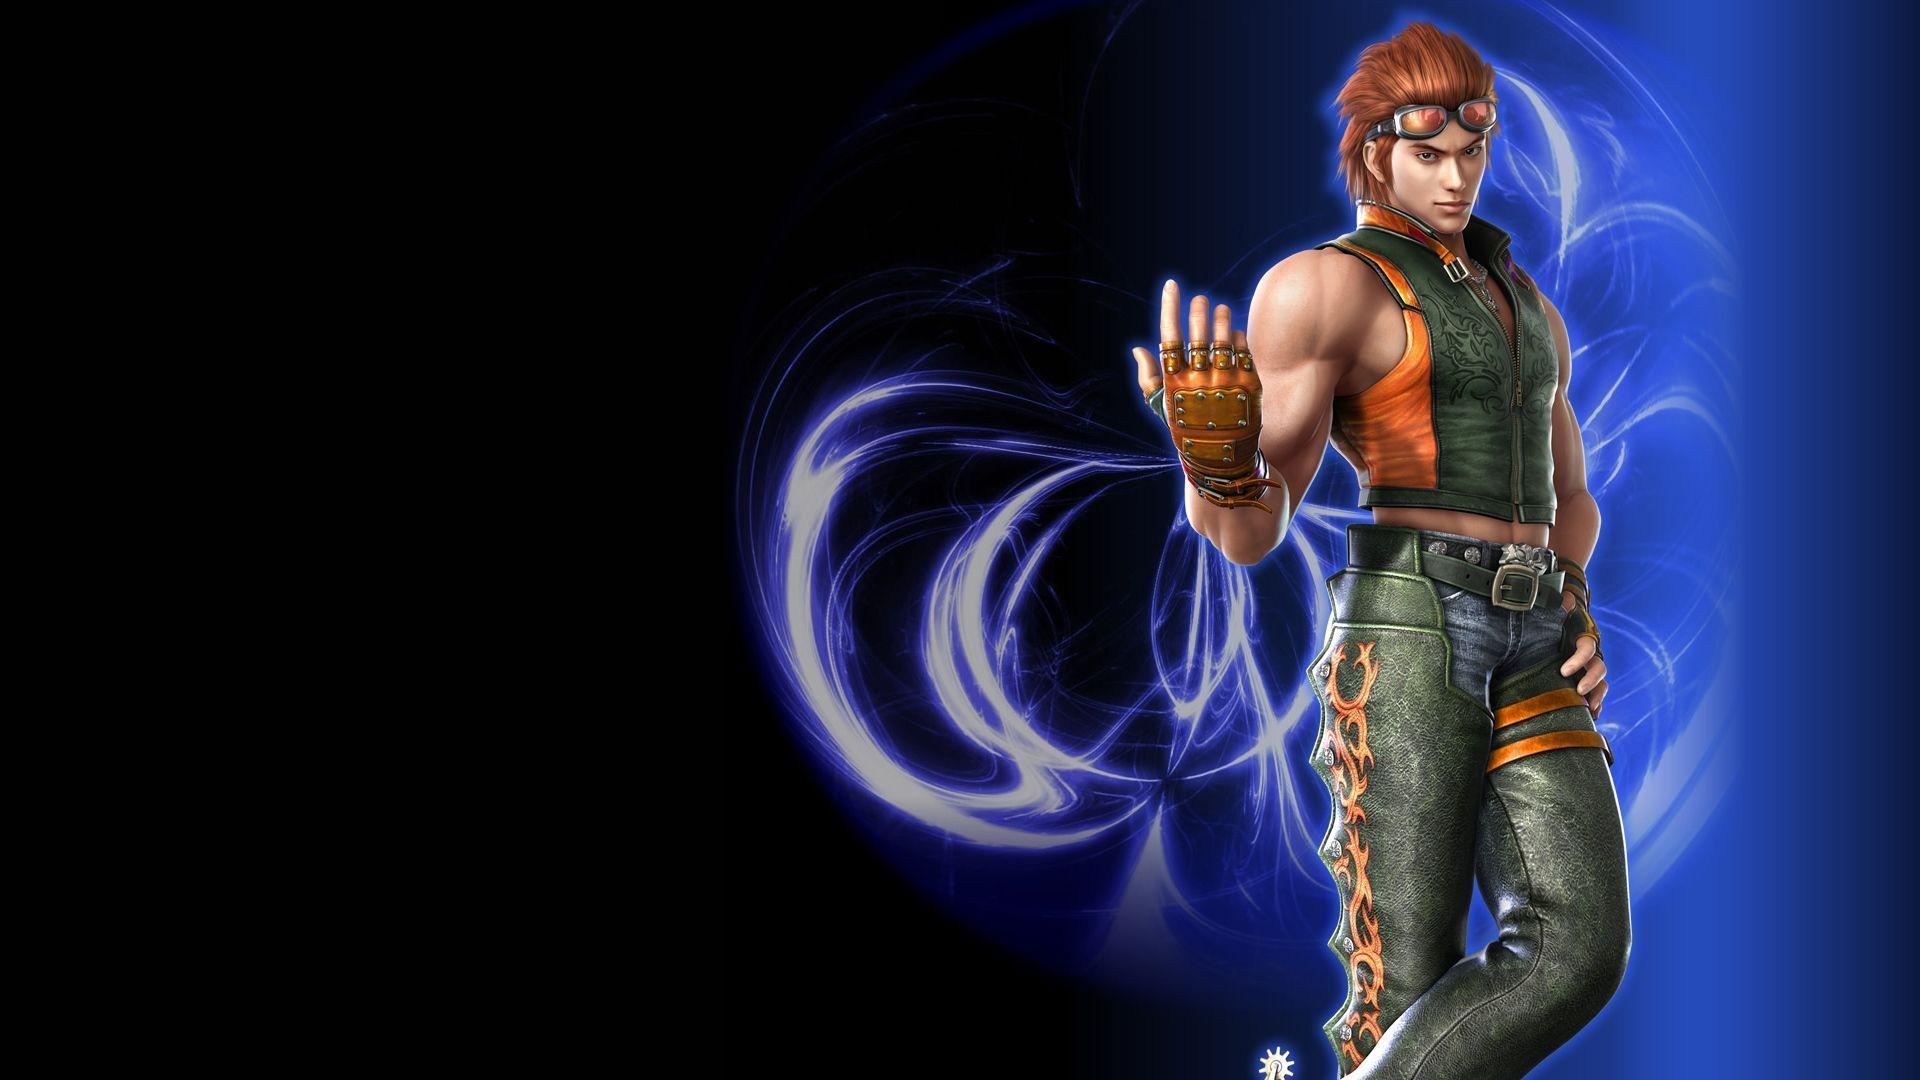 Tekken 7 HD Wallpapers - Wallpaper Cave